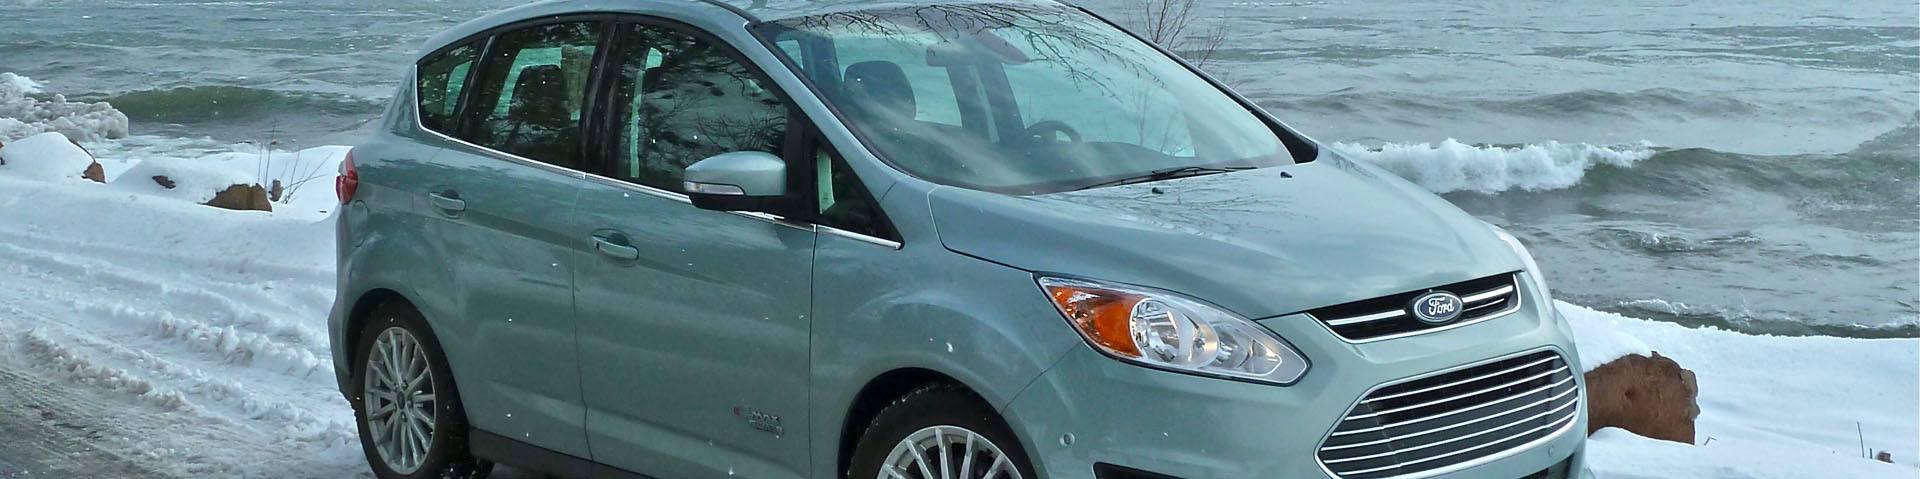 Sneeuwkettingen voor de Ford C-Max